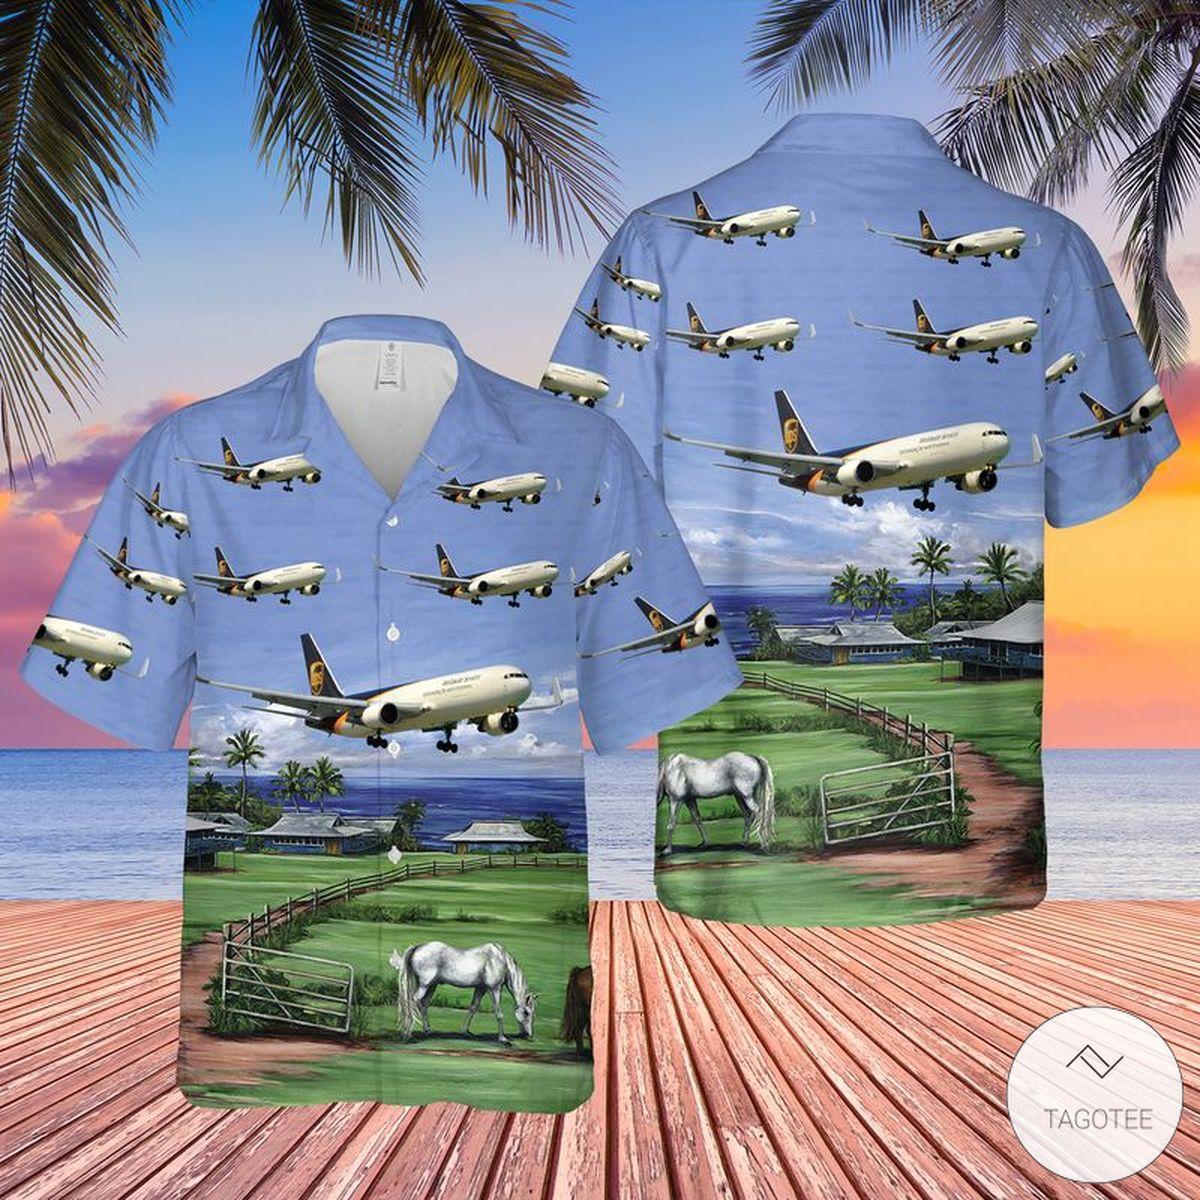 UPS Boeing 767-300FER Hawaiian Shirt, Beach Short